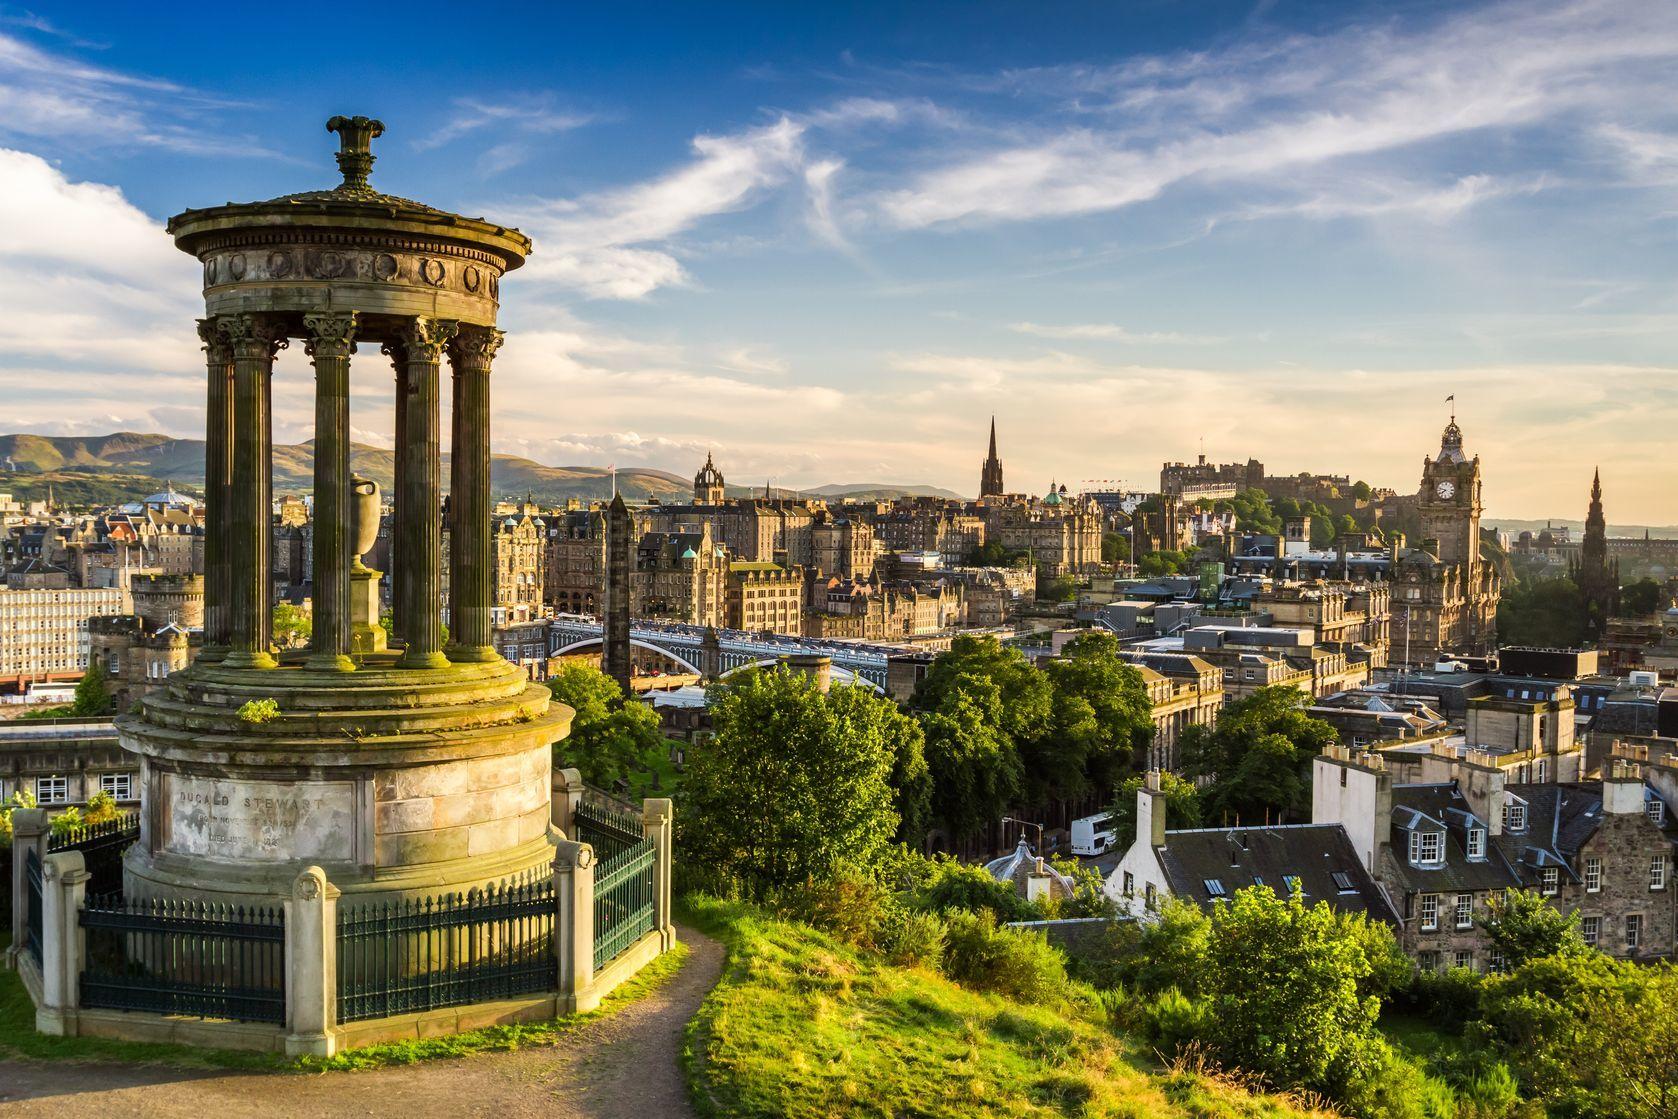 Krásný výhled na město Edinburgh | shaiith/123RF.com